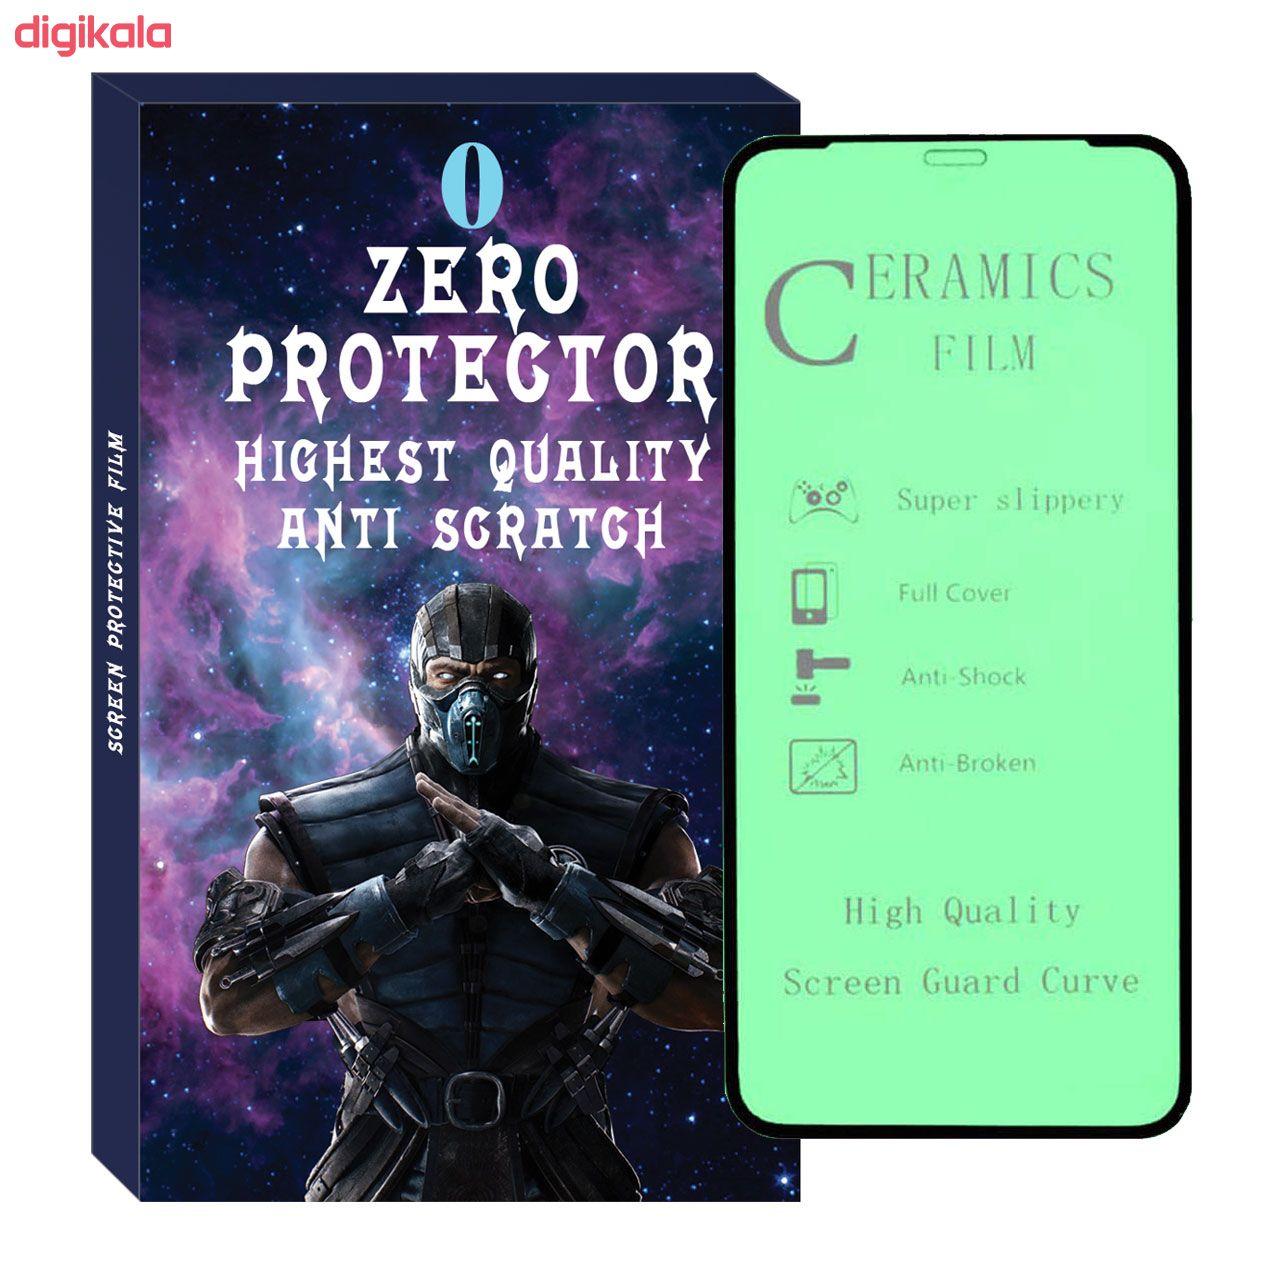 محافظ صفحه نمایش زیرو مدل Zcrm-01 مناسب برای گوشی موبایل اپل Iphone X/XS main 1 1